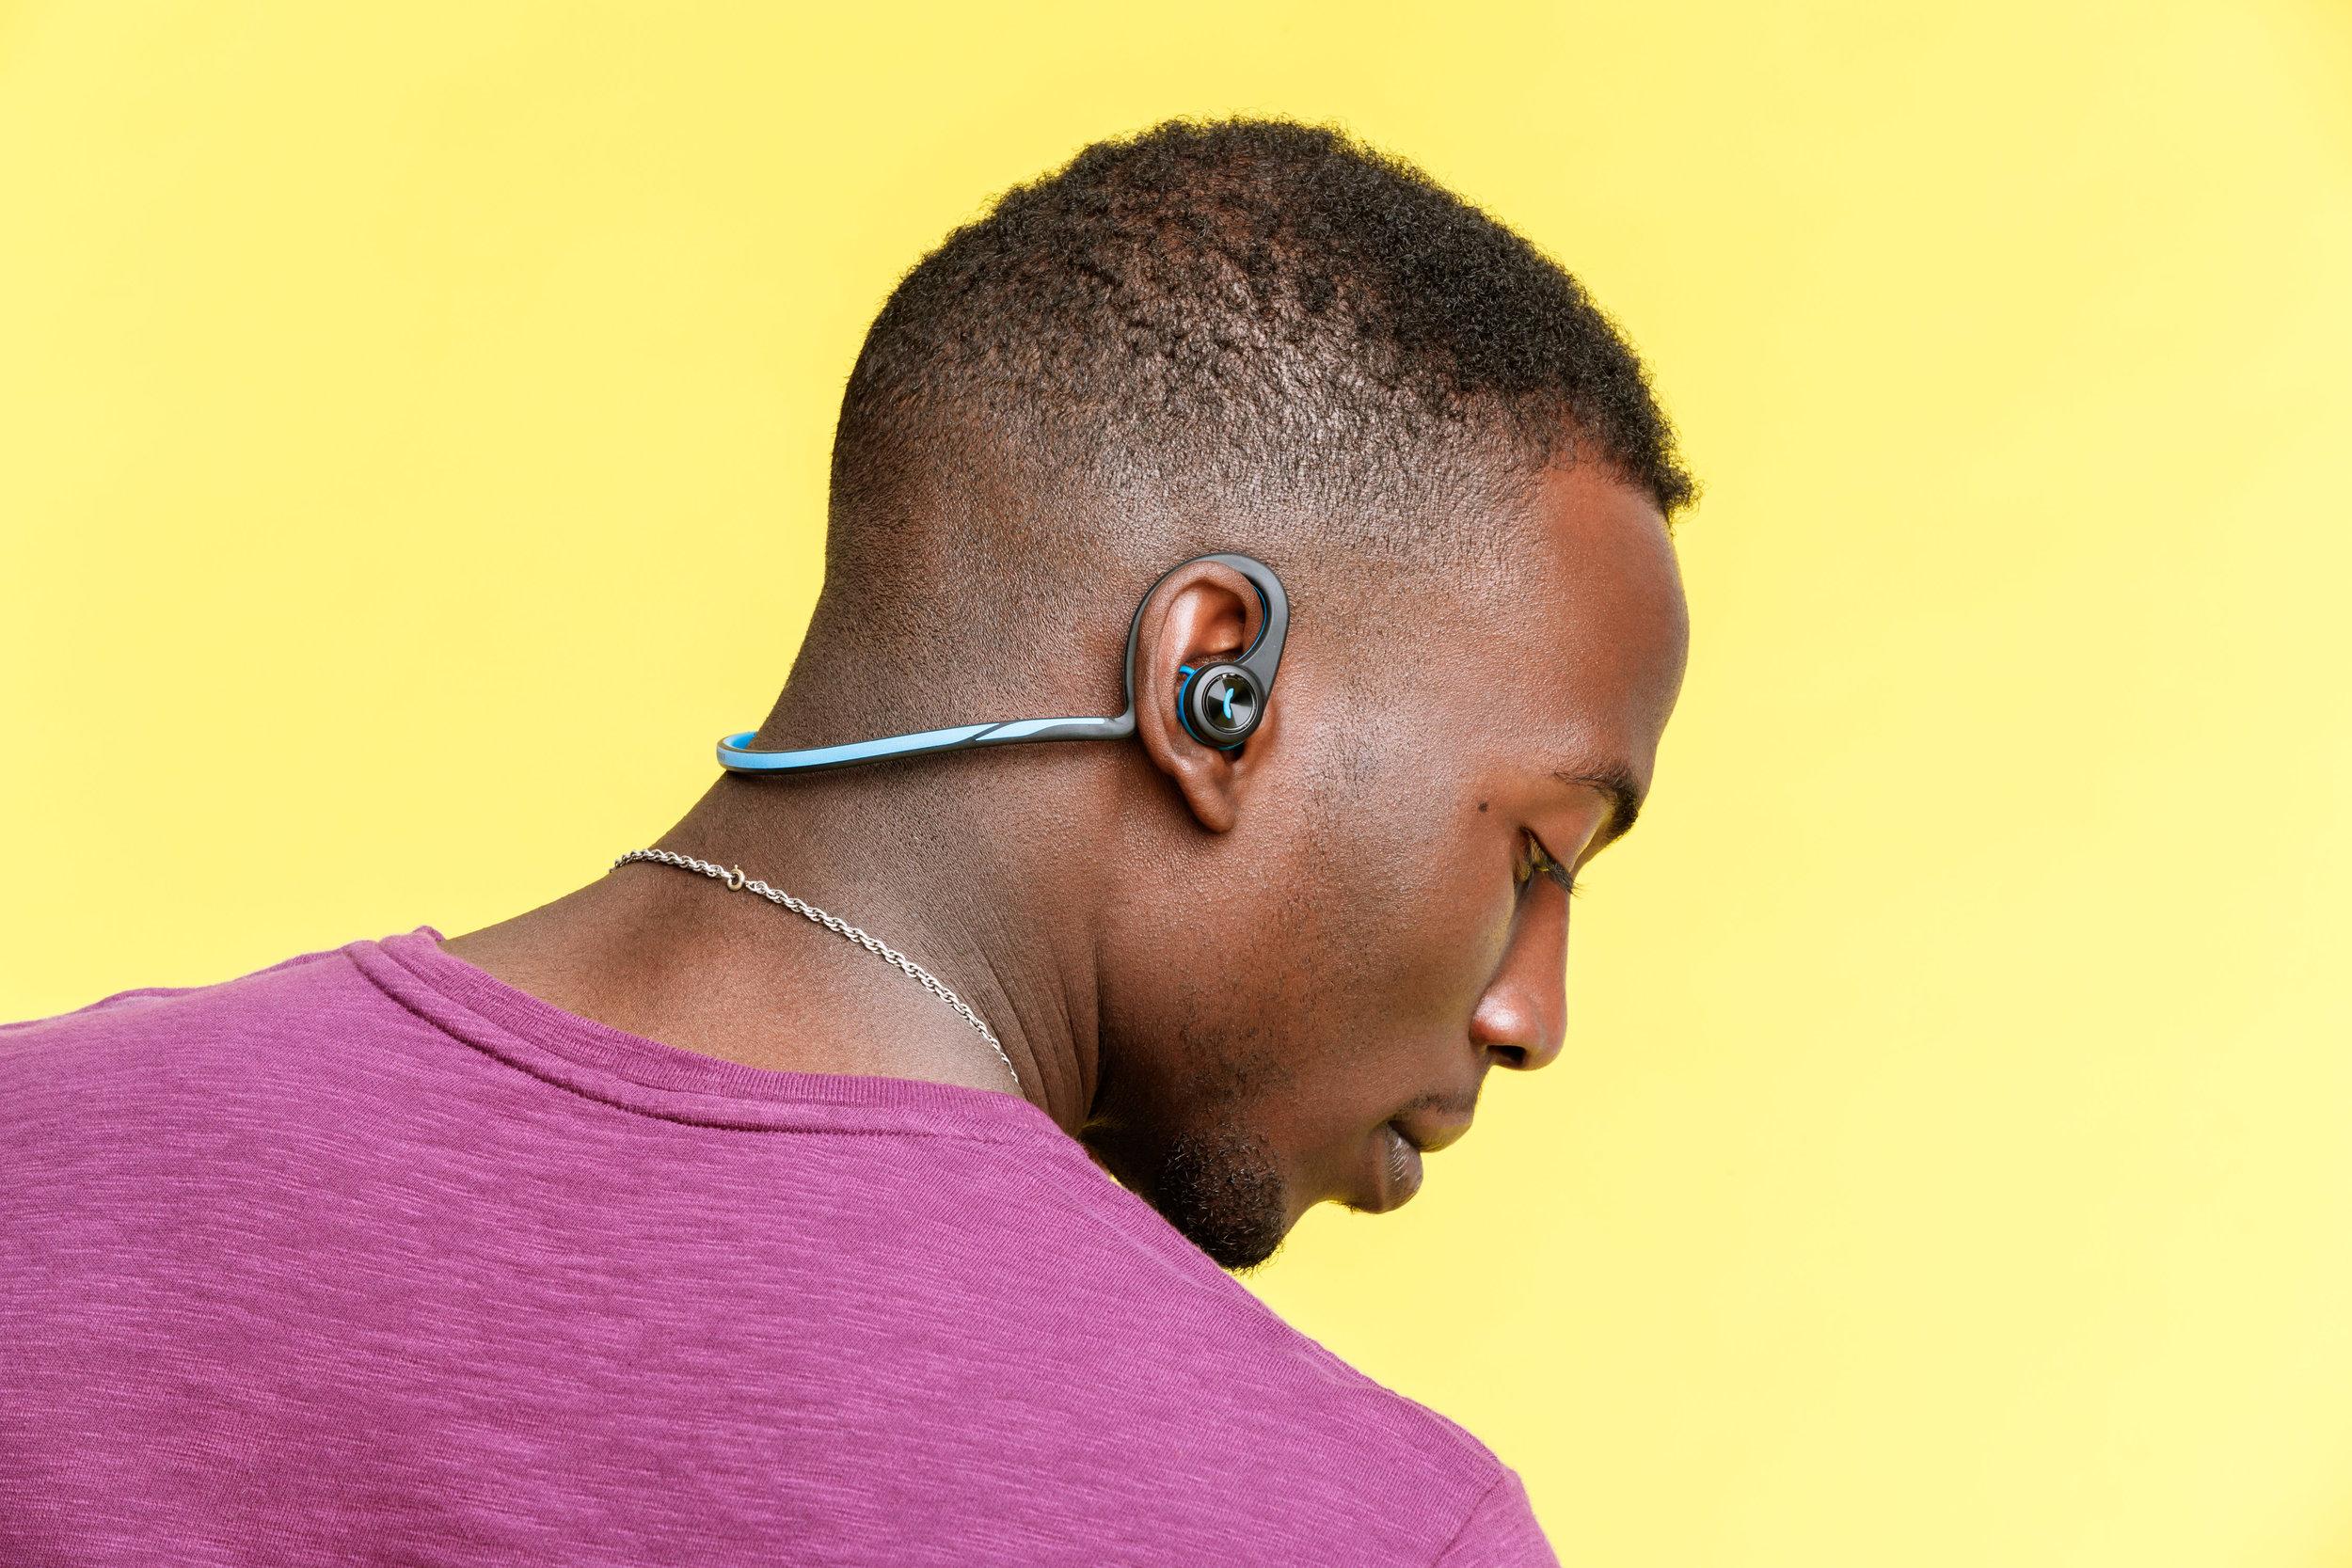 Ebay_Headphones_Plantronics.jpg